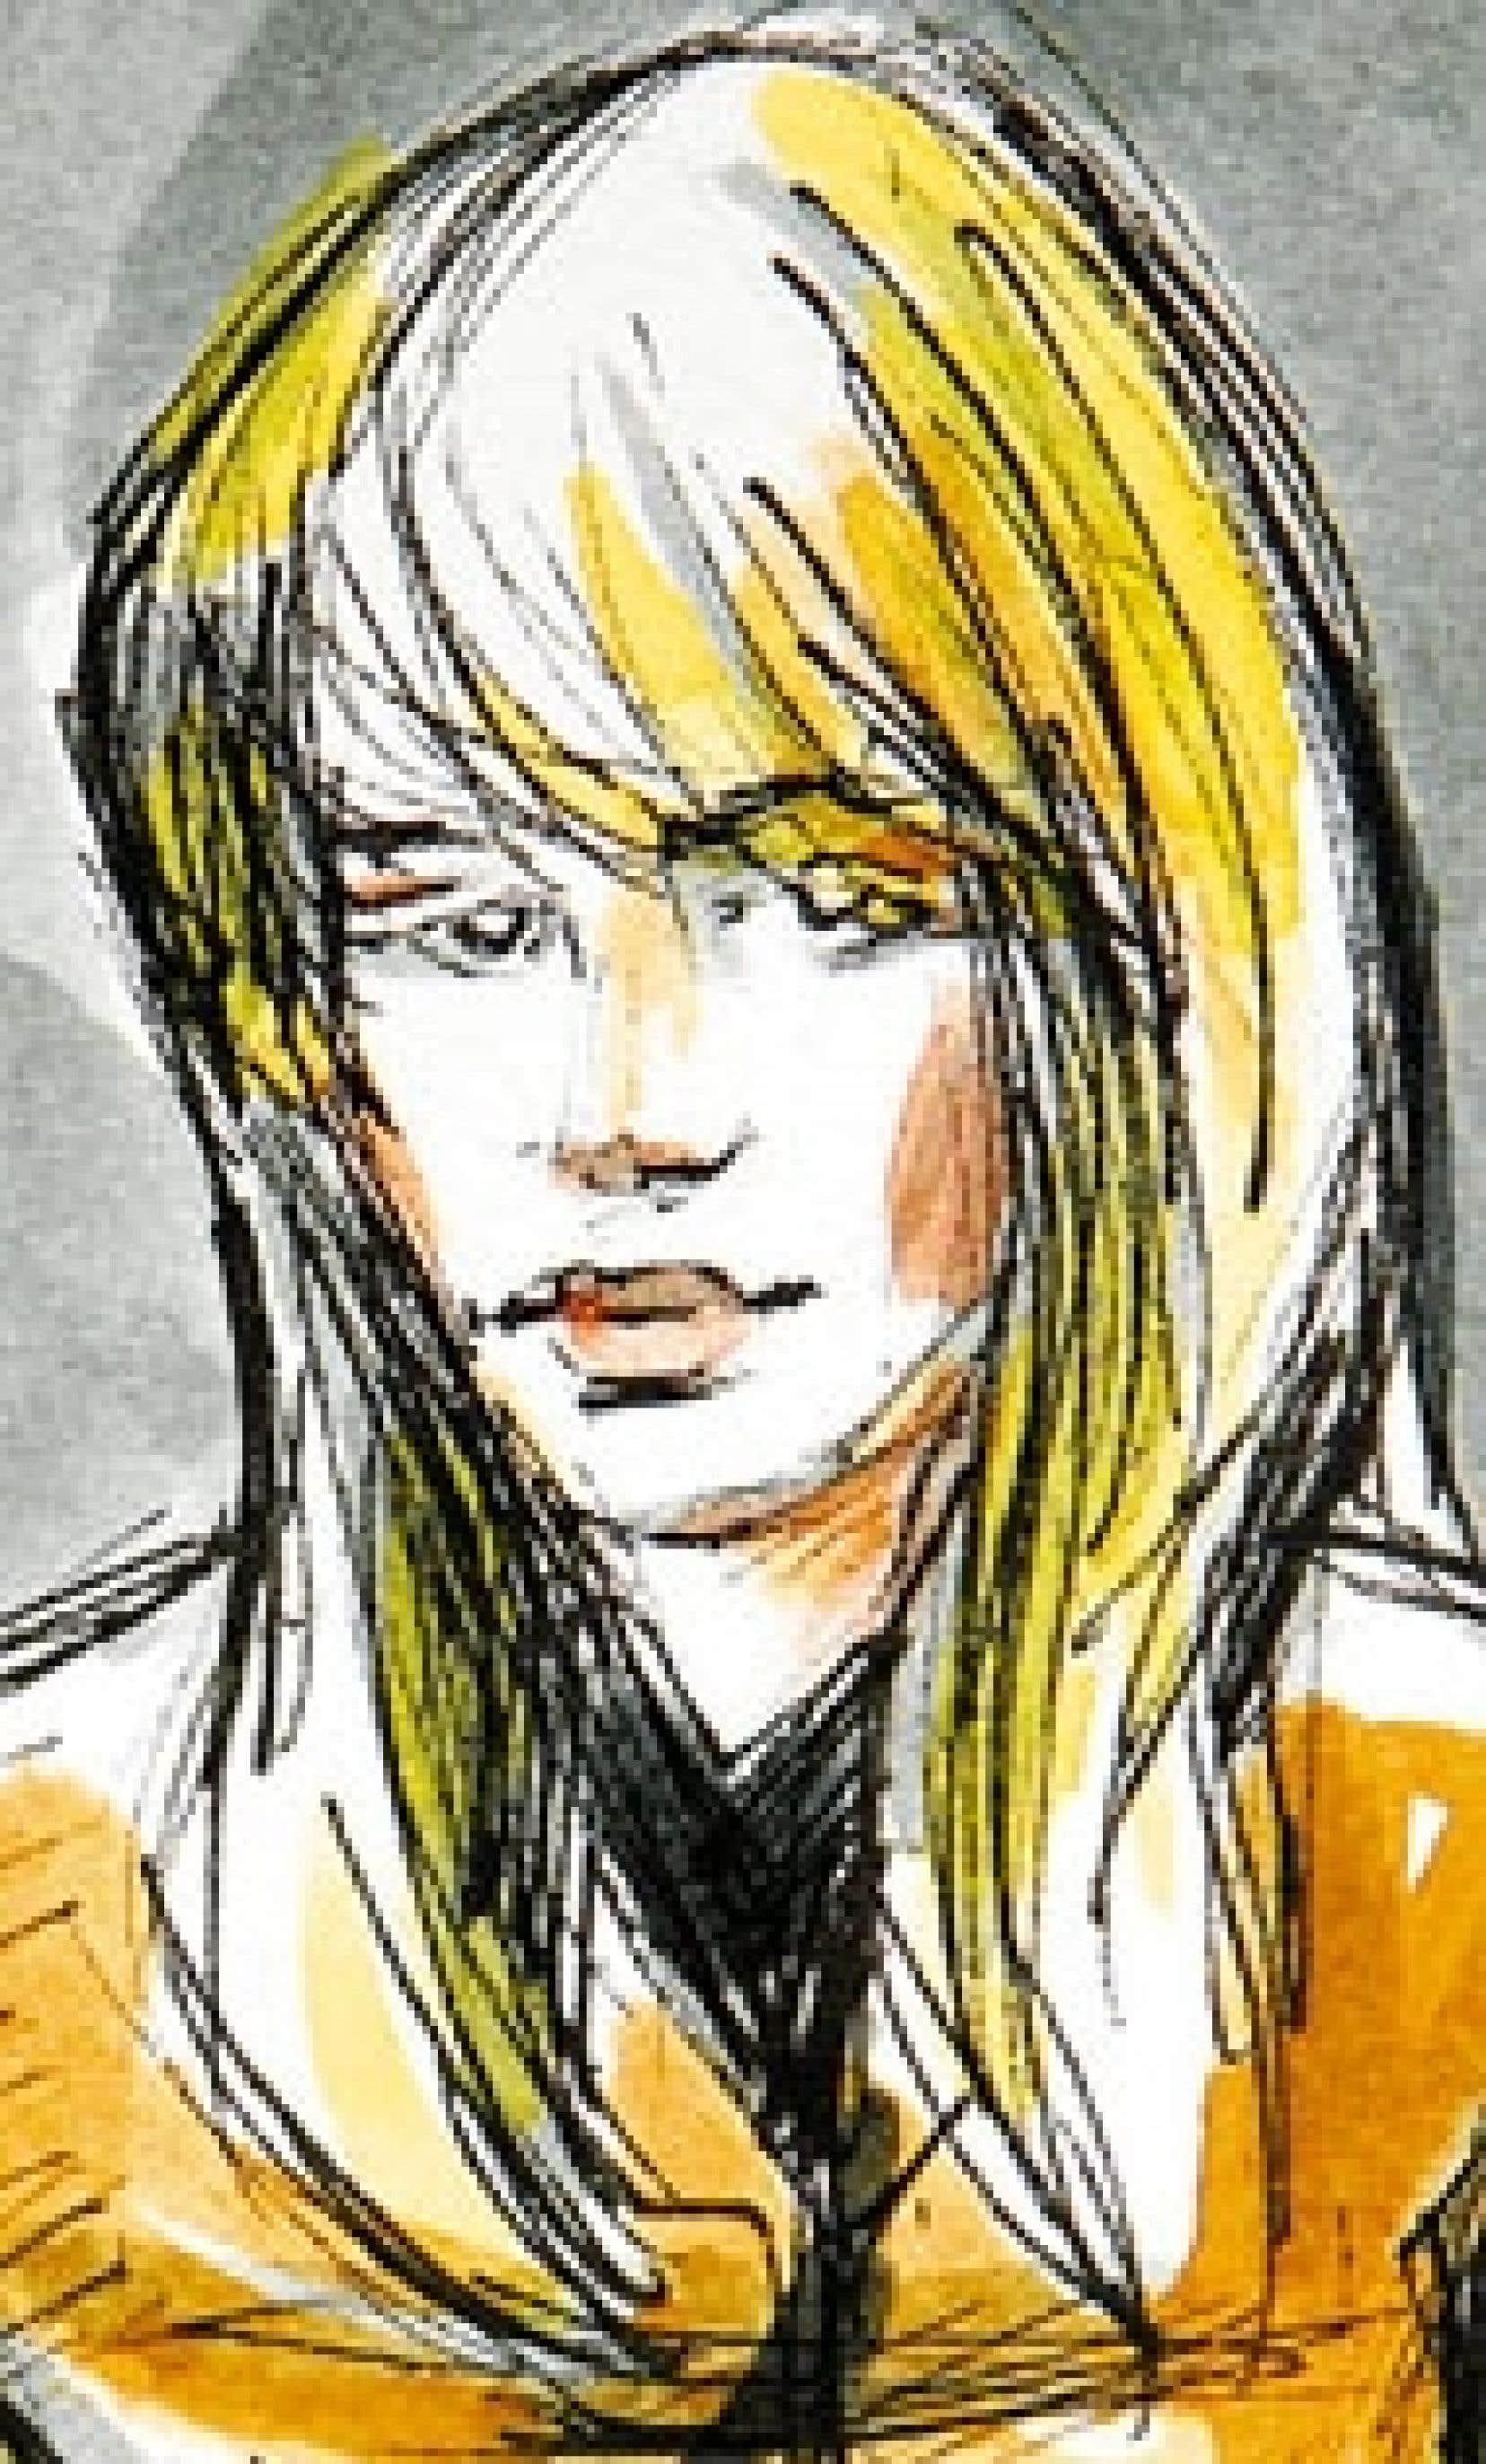 Karla Homolka vue par une artiste au palais de justice de Joliette hier.